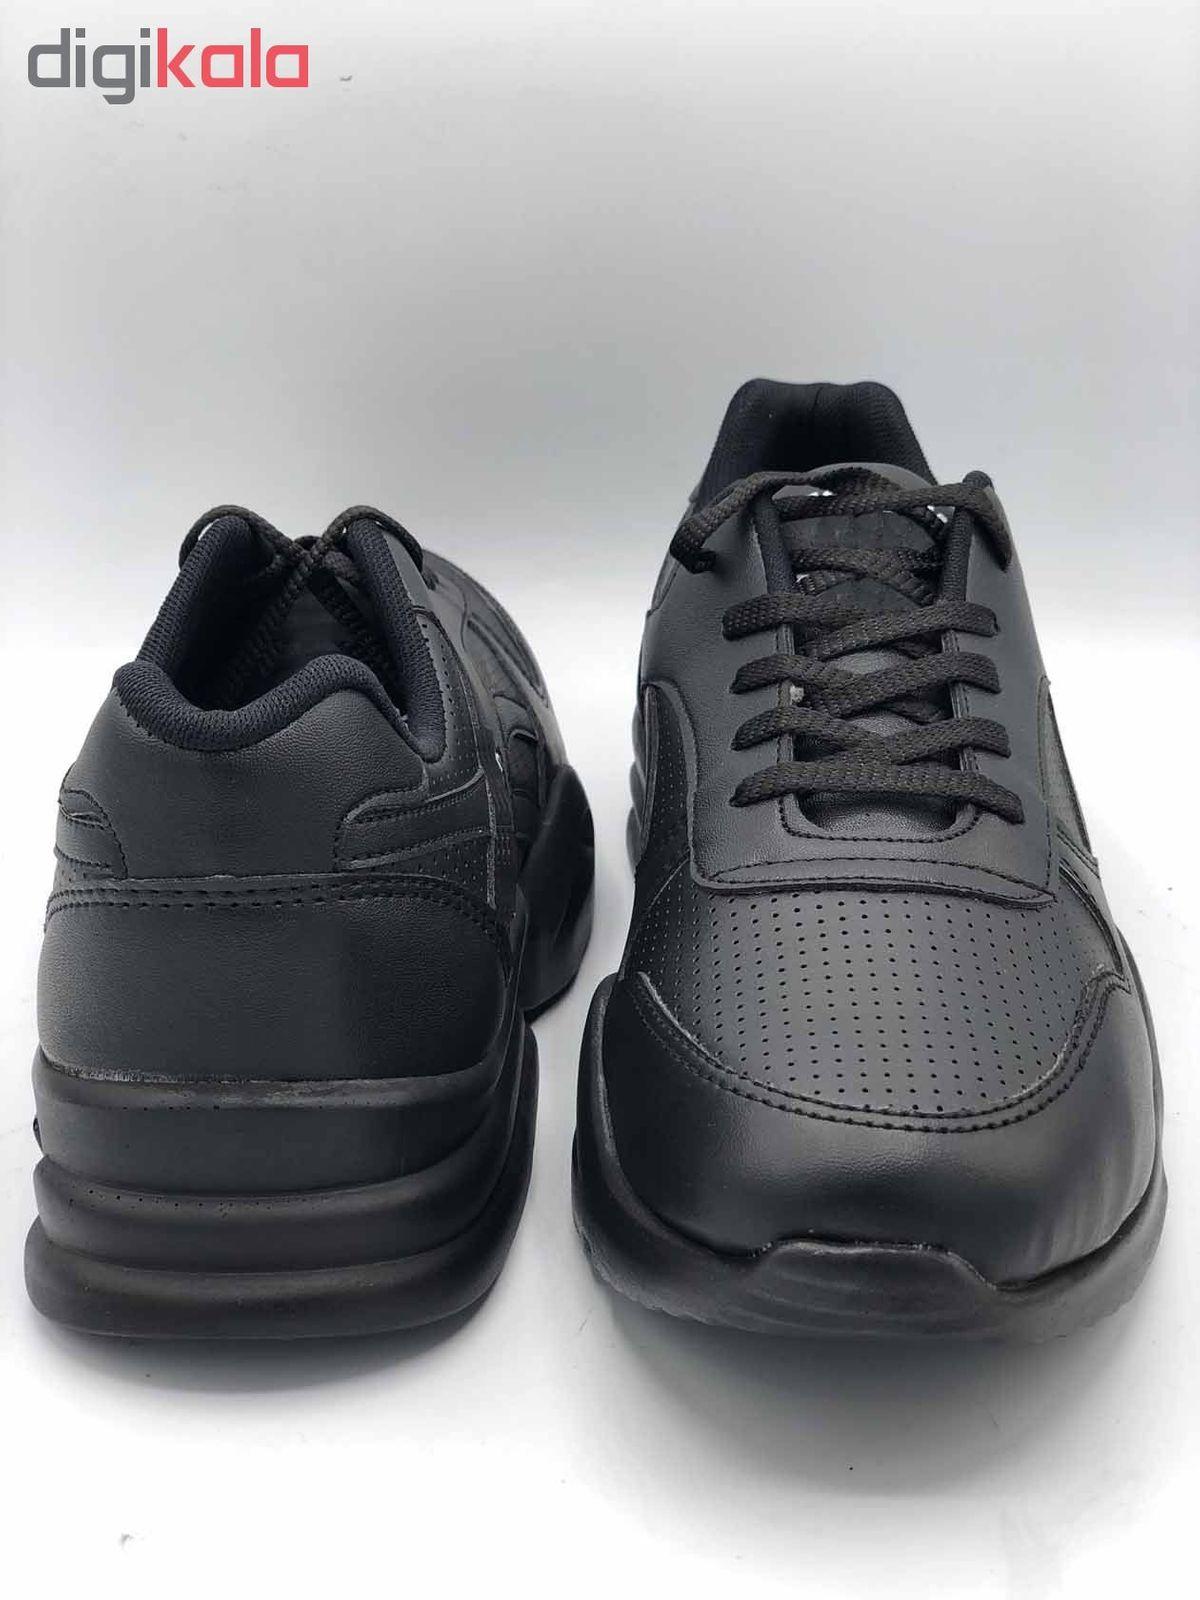 کفش مخصوص پیاده روی مردانه کد 101 P main 1 4